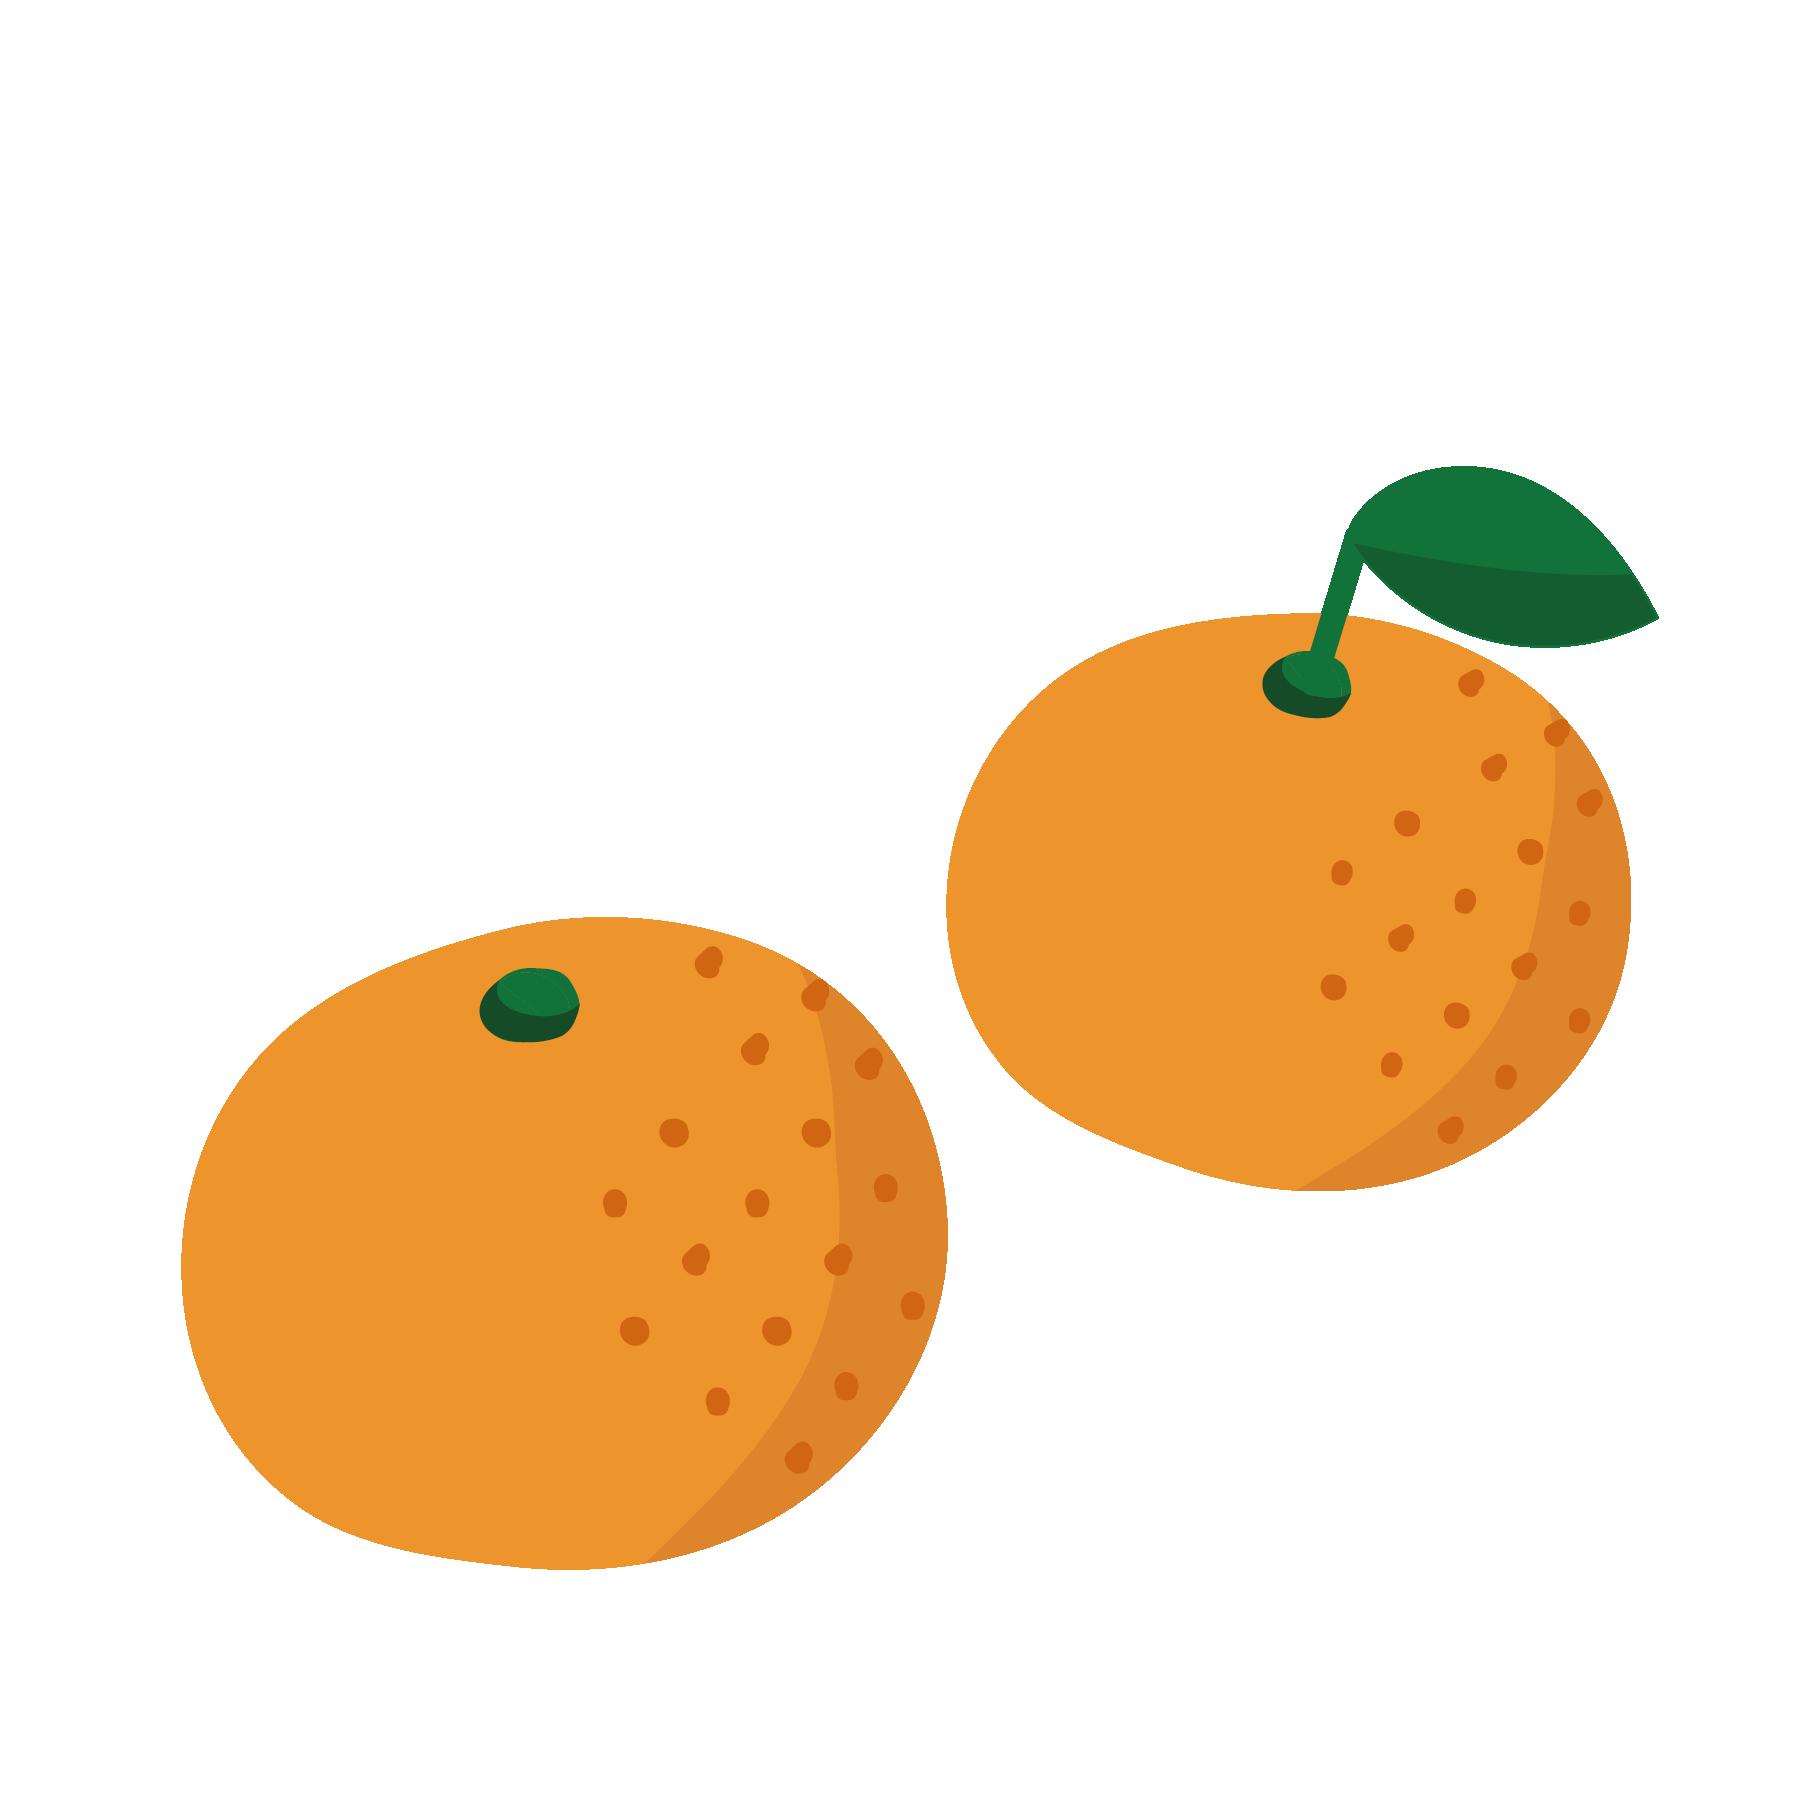 甘い みかんのイラスト!【冬の果物・フルーツ】 | 商用フリー(無料)の